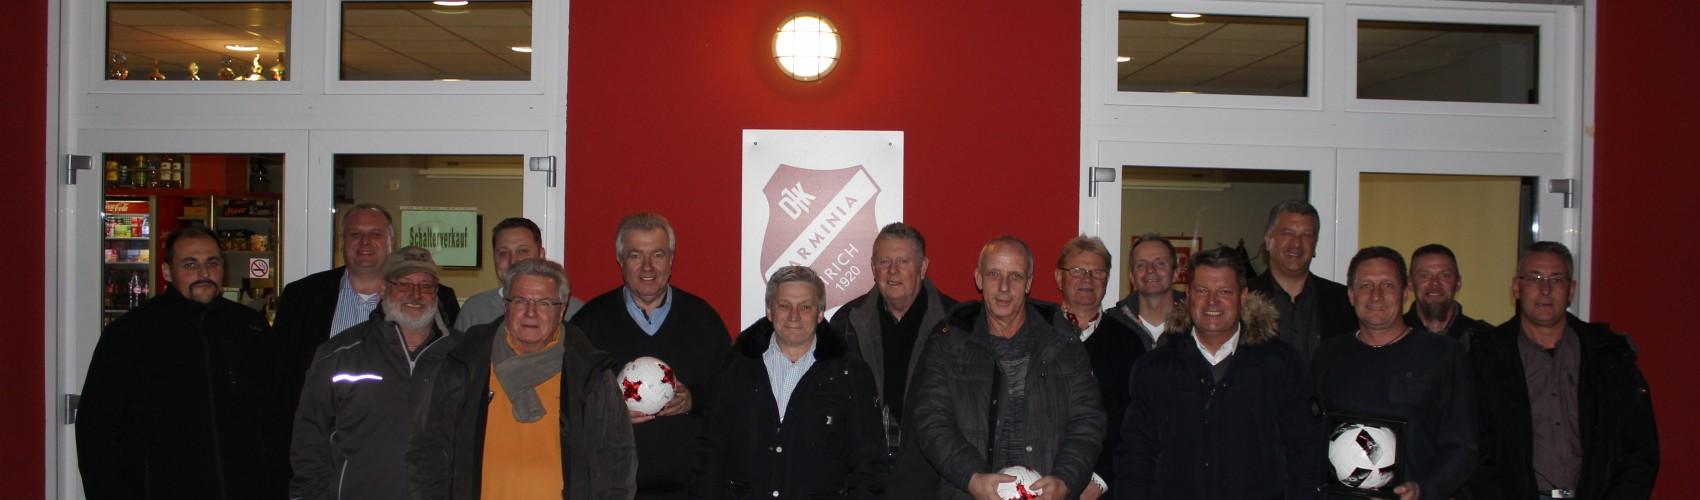 Foto zum Beitrag: Pressebericht über den Vereinsdialog in unserem Clubhaus